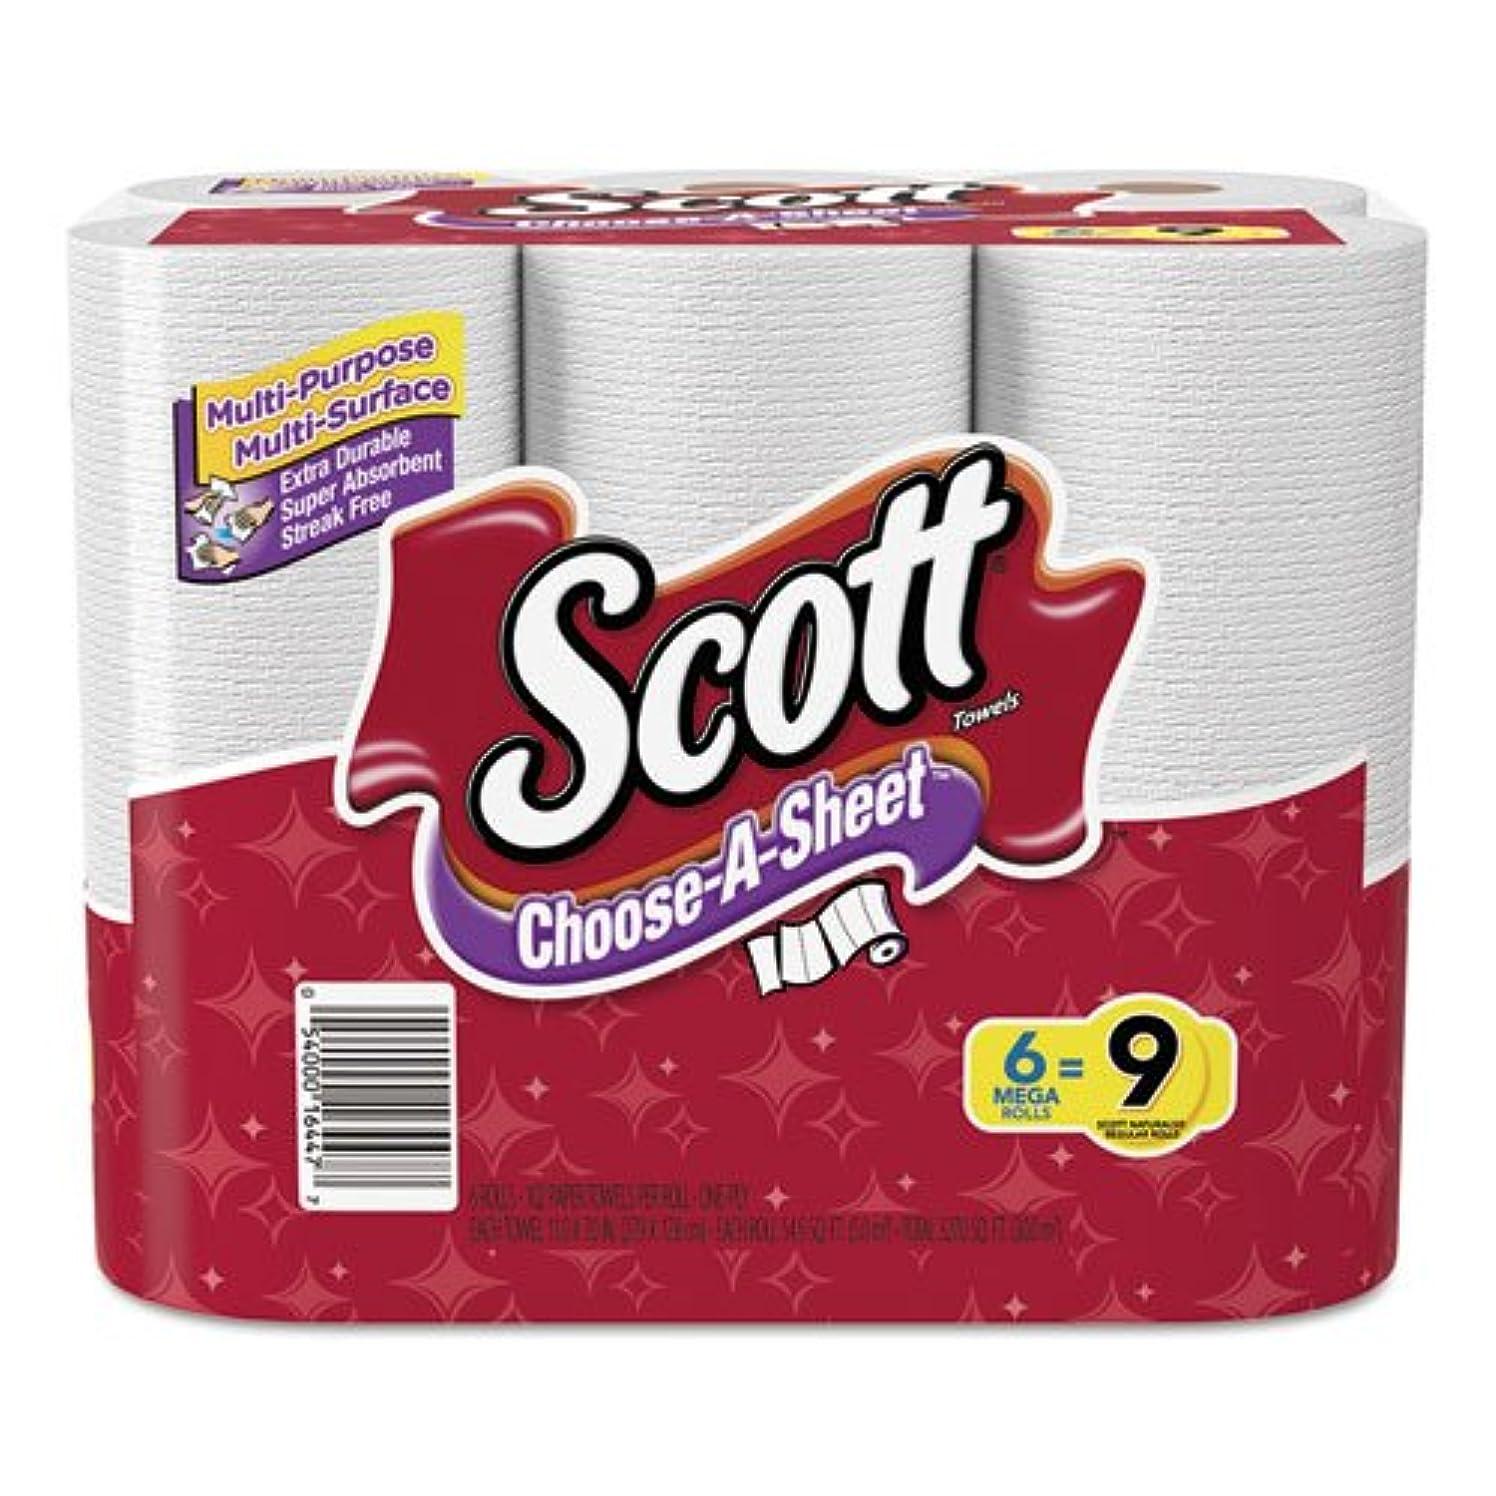 ライフル北へディスカウントスコット?choose-a-sheet Paper Towels?–?1?Ply?–?ホワイト?–?用紙?–?吸収性、高品質、クイック乾燥、ペンPerforated?–?Hand?–?102シート?–?2448?/カートン